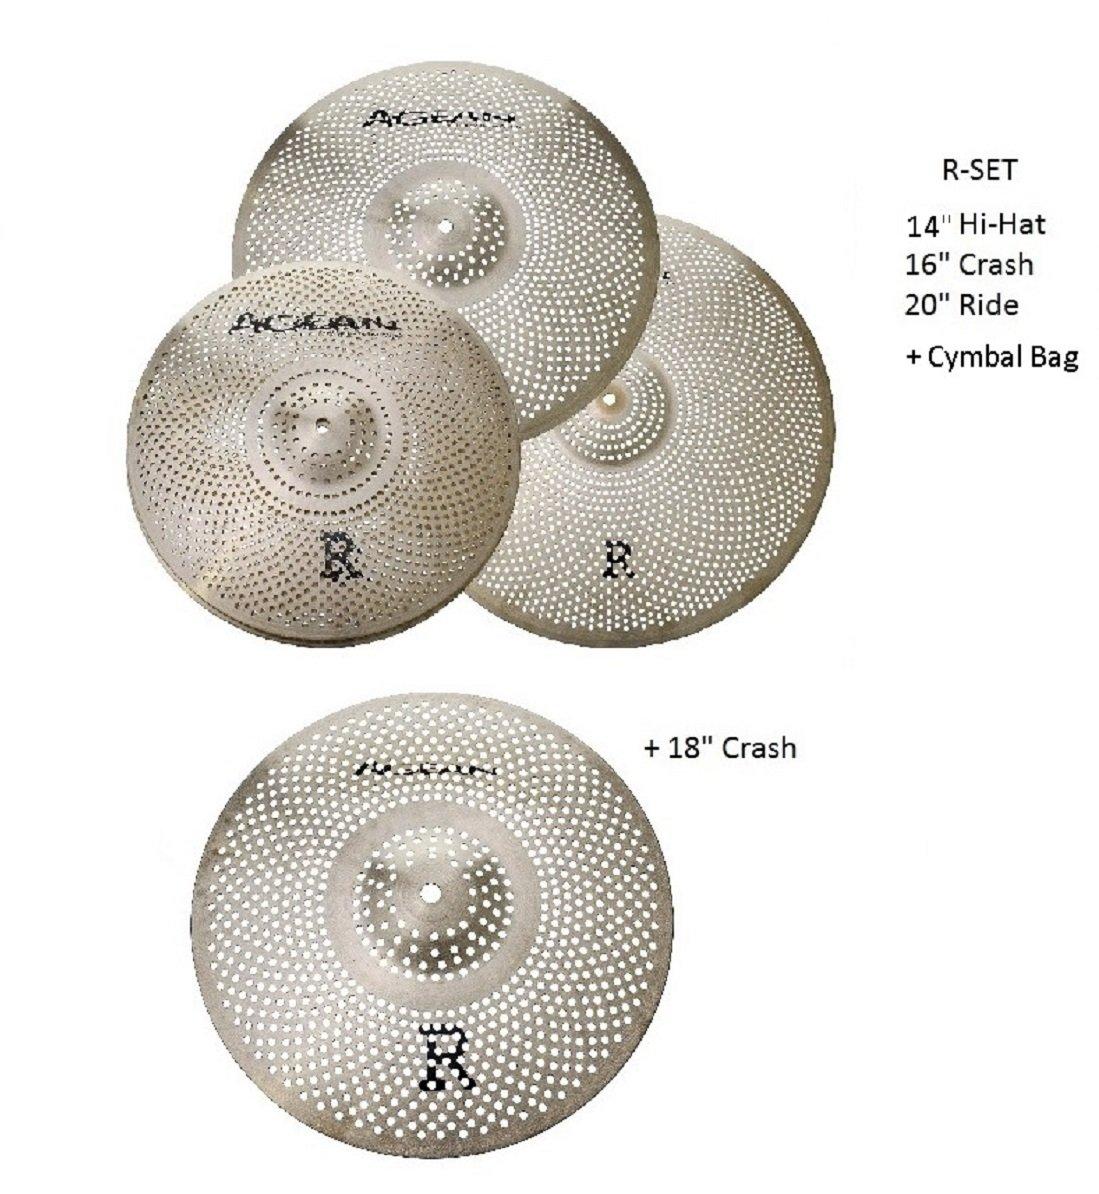 代引き人気 Agean Box Cymbals Silent R-Series Low Low Volume Cymbal Pack Box Agean Set+18 Crash B07D4RLWXX, ecoloco(エコロコ):6017005c --- arianechie.dominiotemporario.com